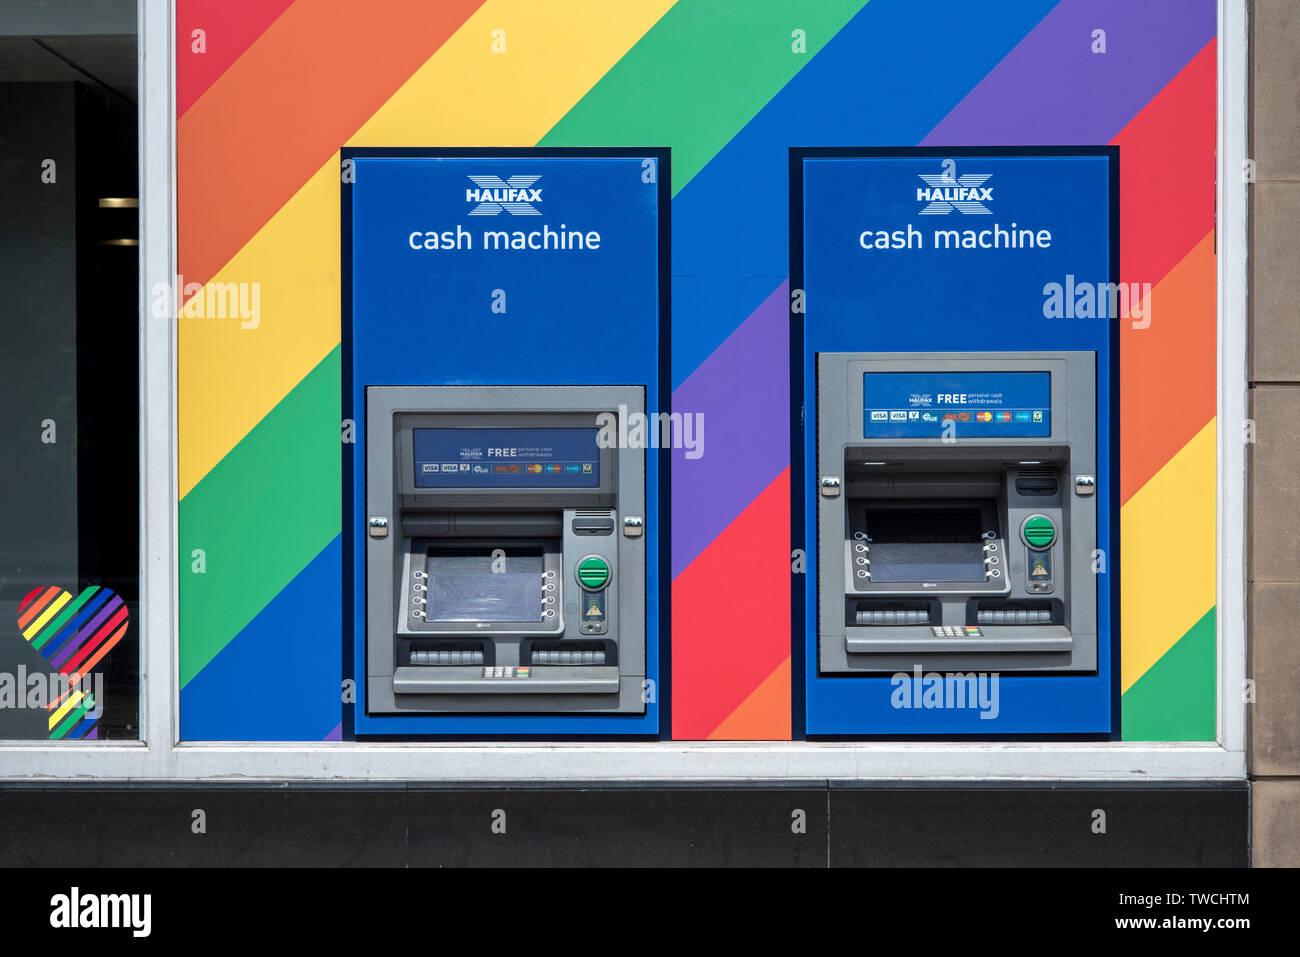 En la carrera hacia Edimburgo, orgullo, Halifax Bank cajeros automáticos han sido decoradas en colores LGBT+, Princes Street, Edimburgo, Escocia, Reino Unido. Imagen De Stock